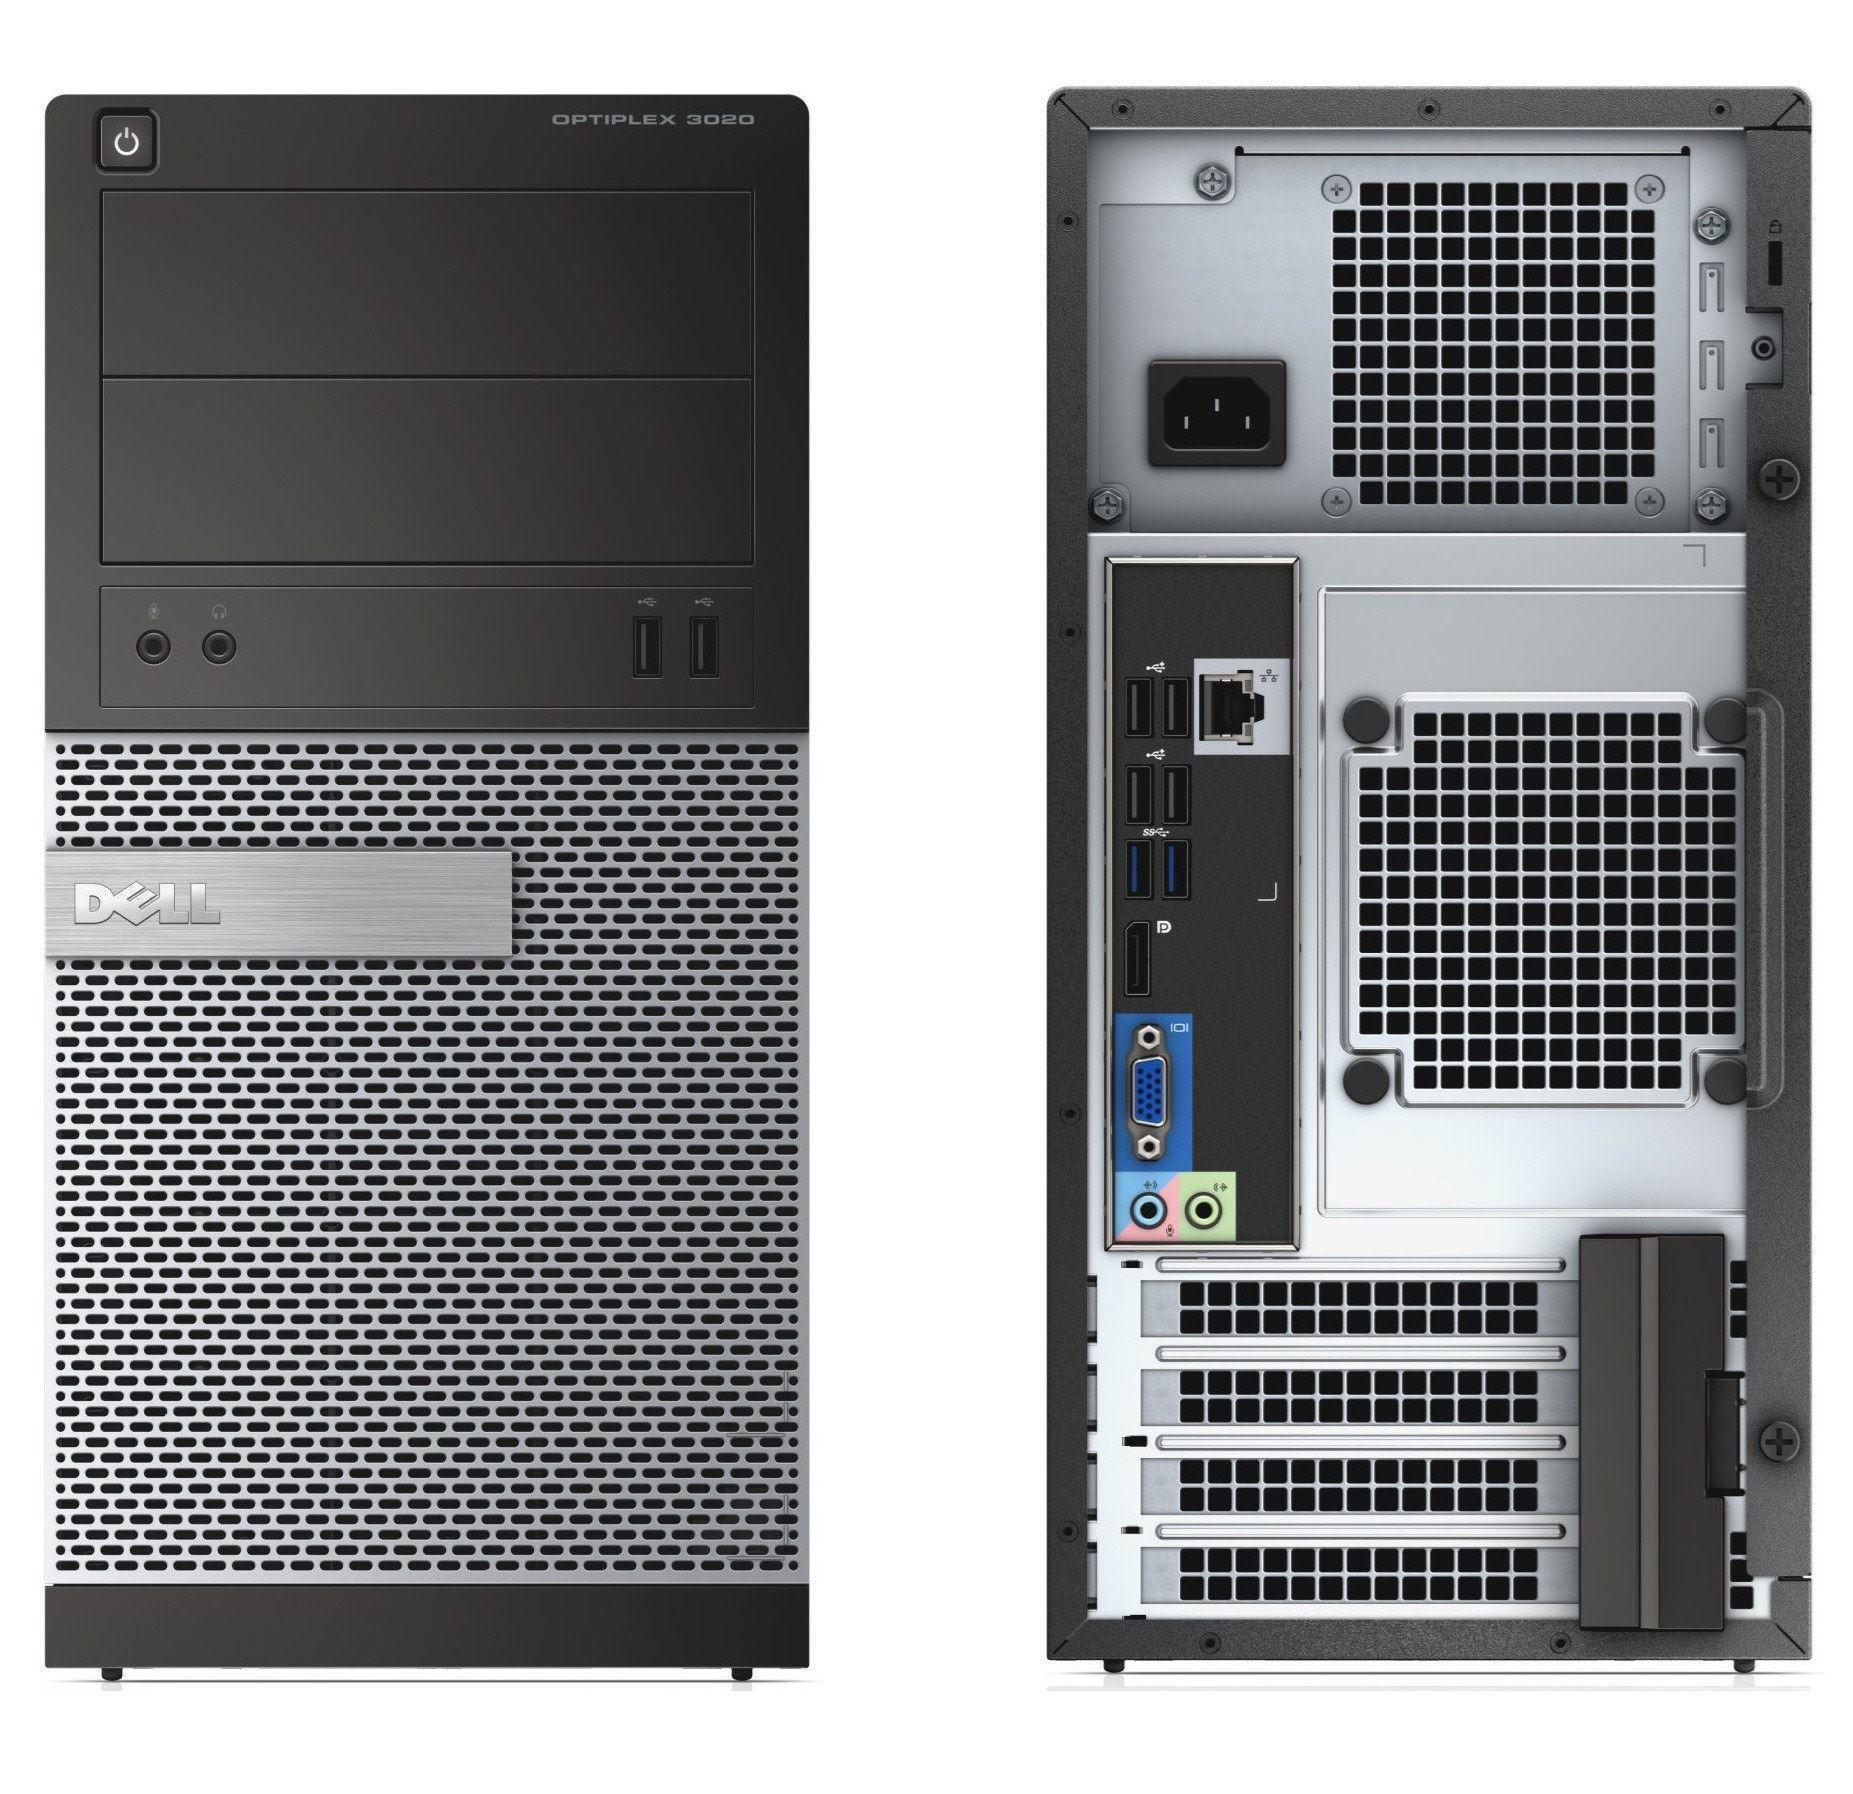 کیس کامپیوتر دست دوم دلDell Optiplex 3020 Tower cpu:i5..4570 نسل چهارم